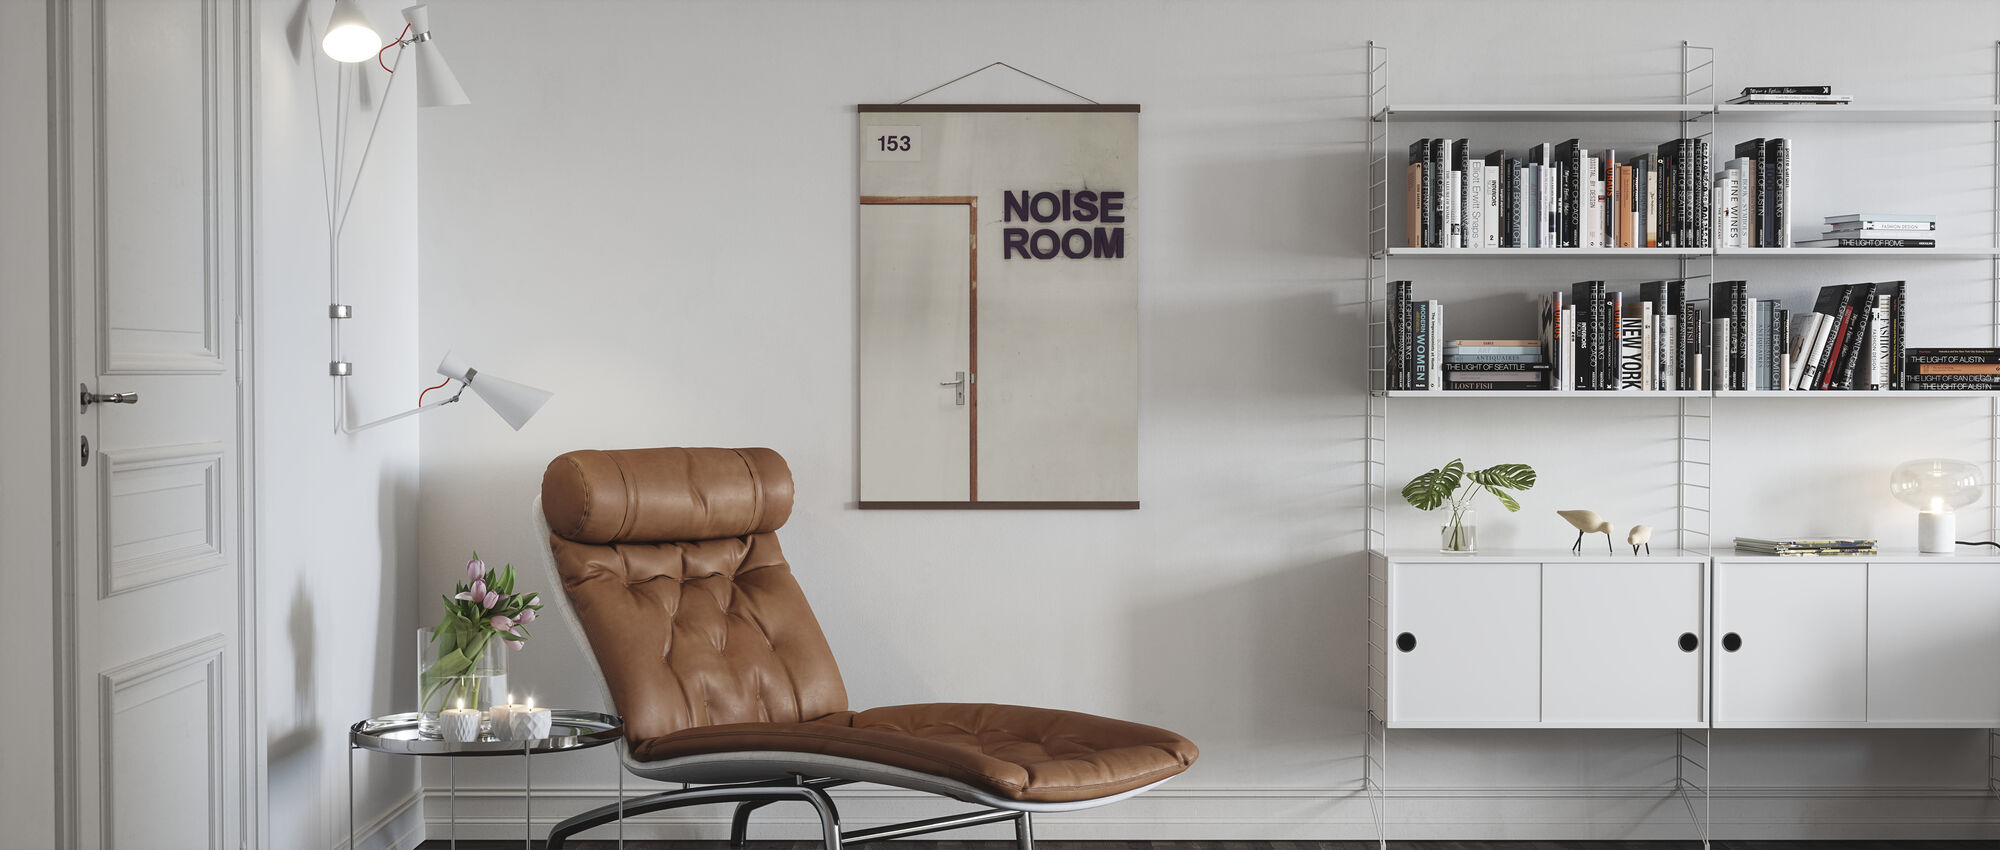 Noise Room Door - Poster - Living Room